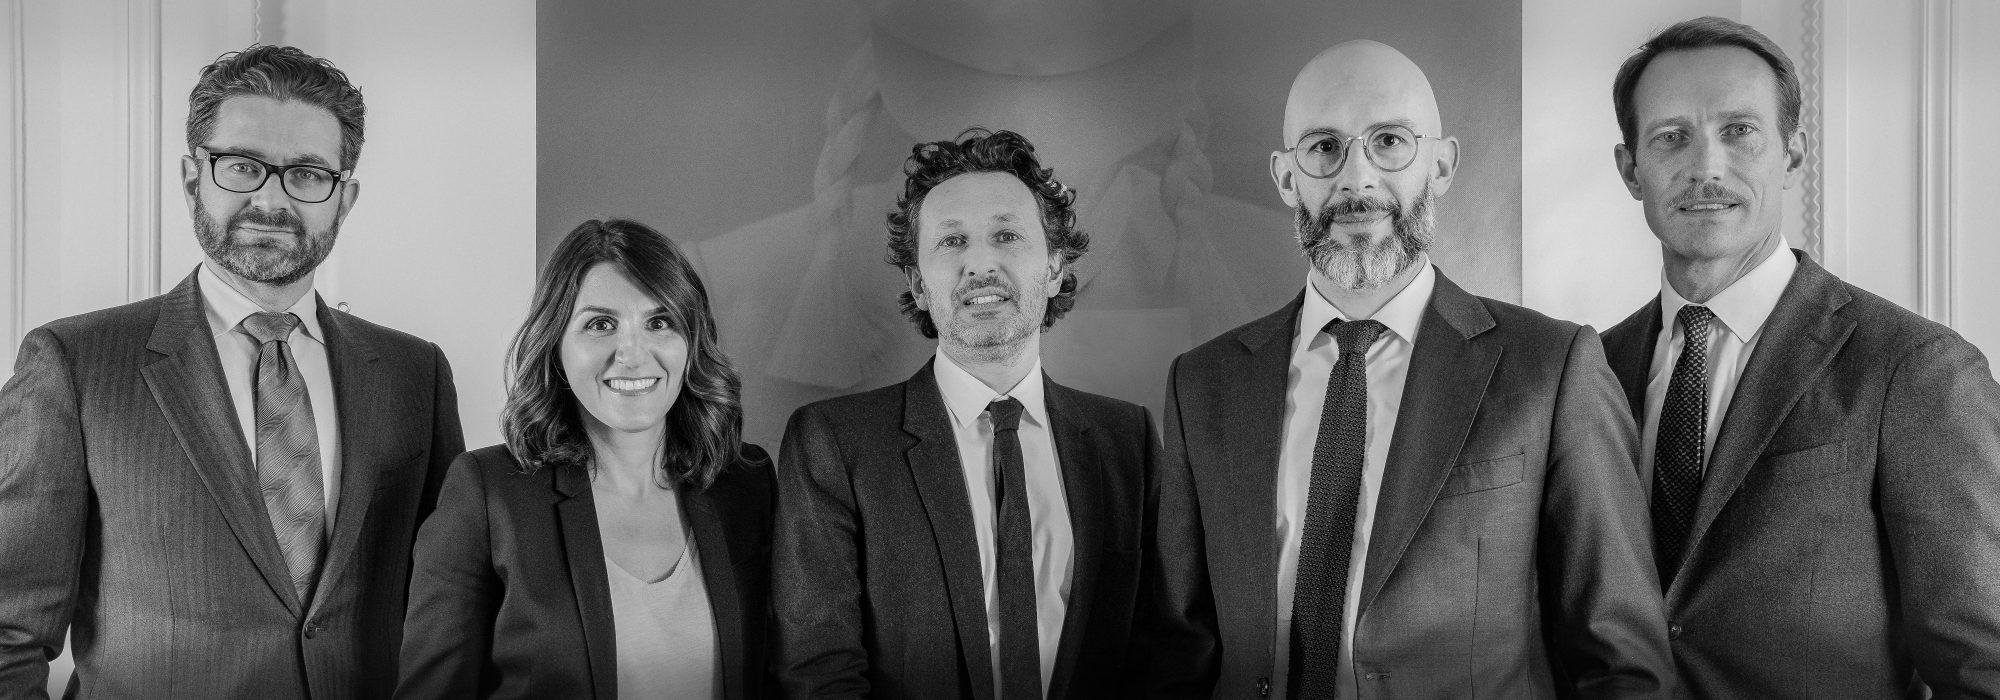 Renault, Thominette, Vignaud et Reeve, avocats